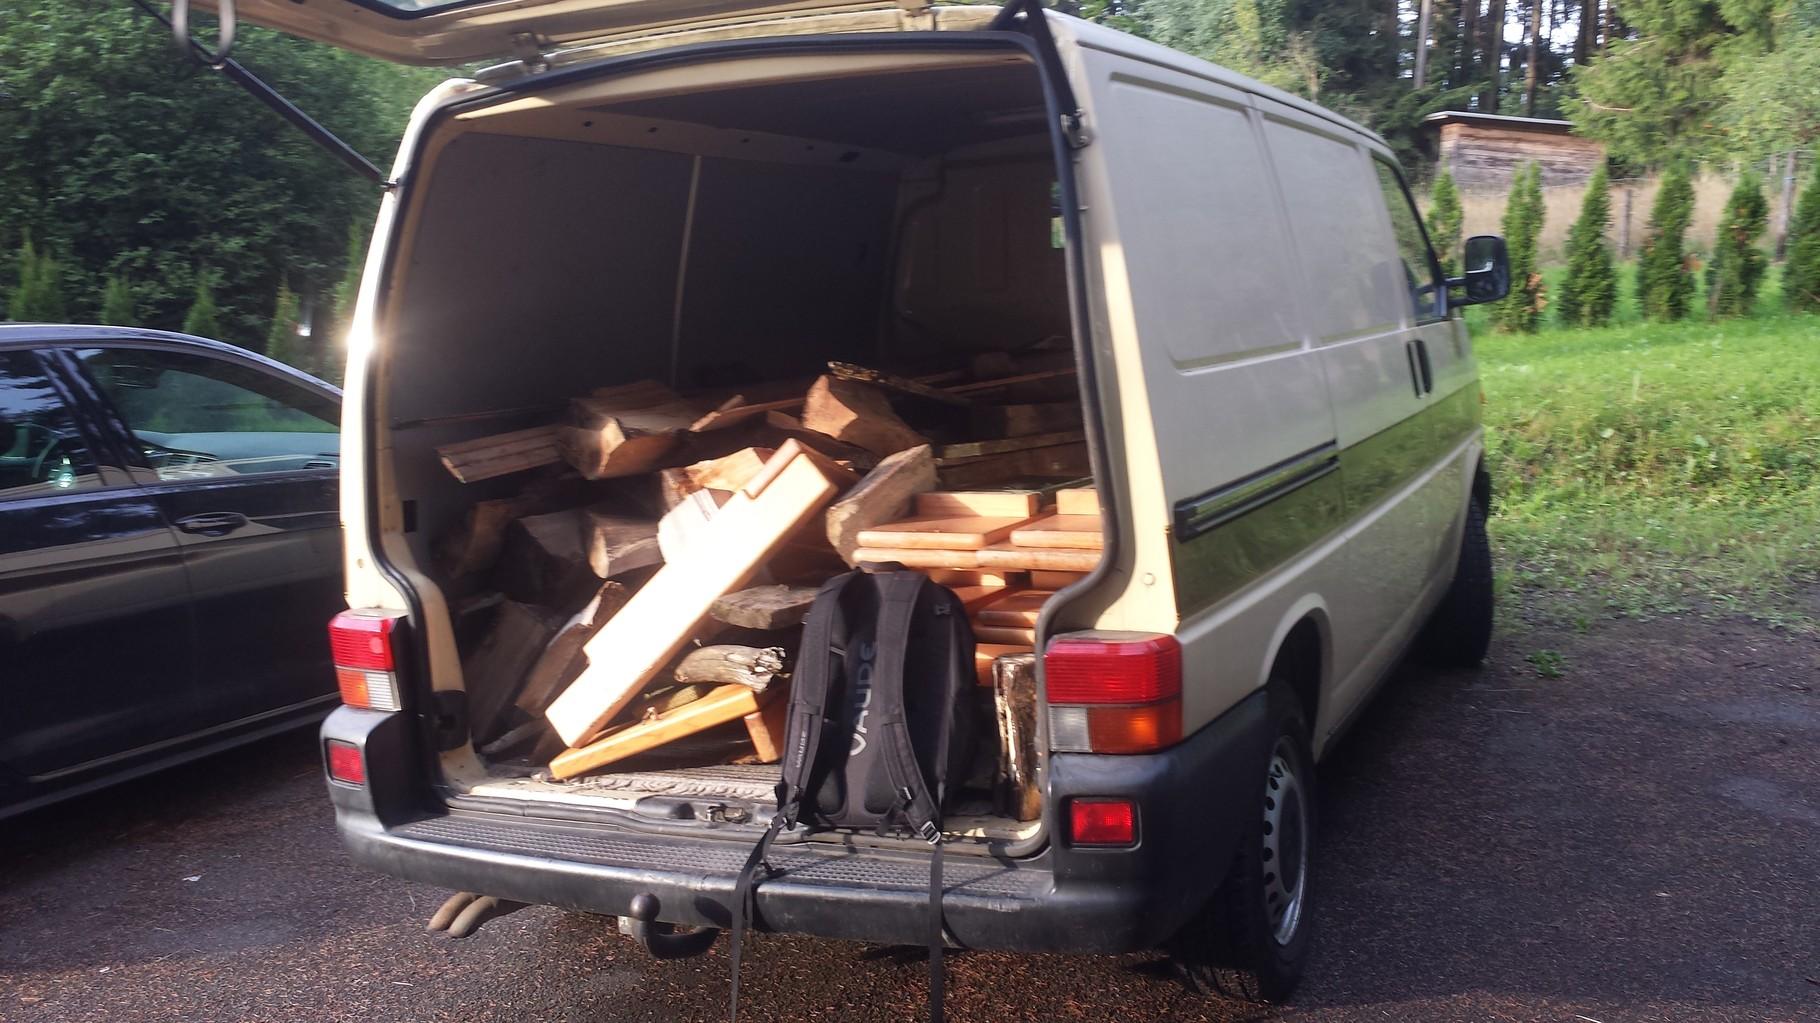 Wir haben uns selbst Holz für das Lagerfeuer mitgenommen auch dieses Jahr sind wir wieder mit dem Transporter unterwegs gewesen.